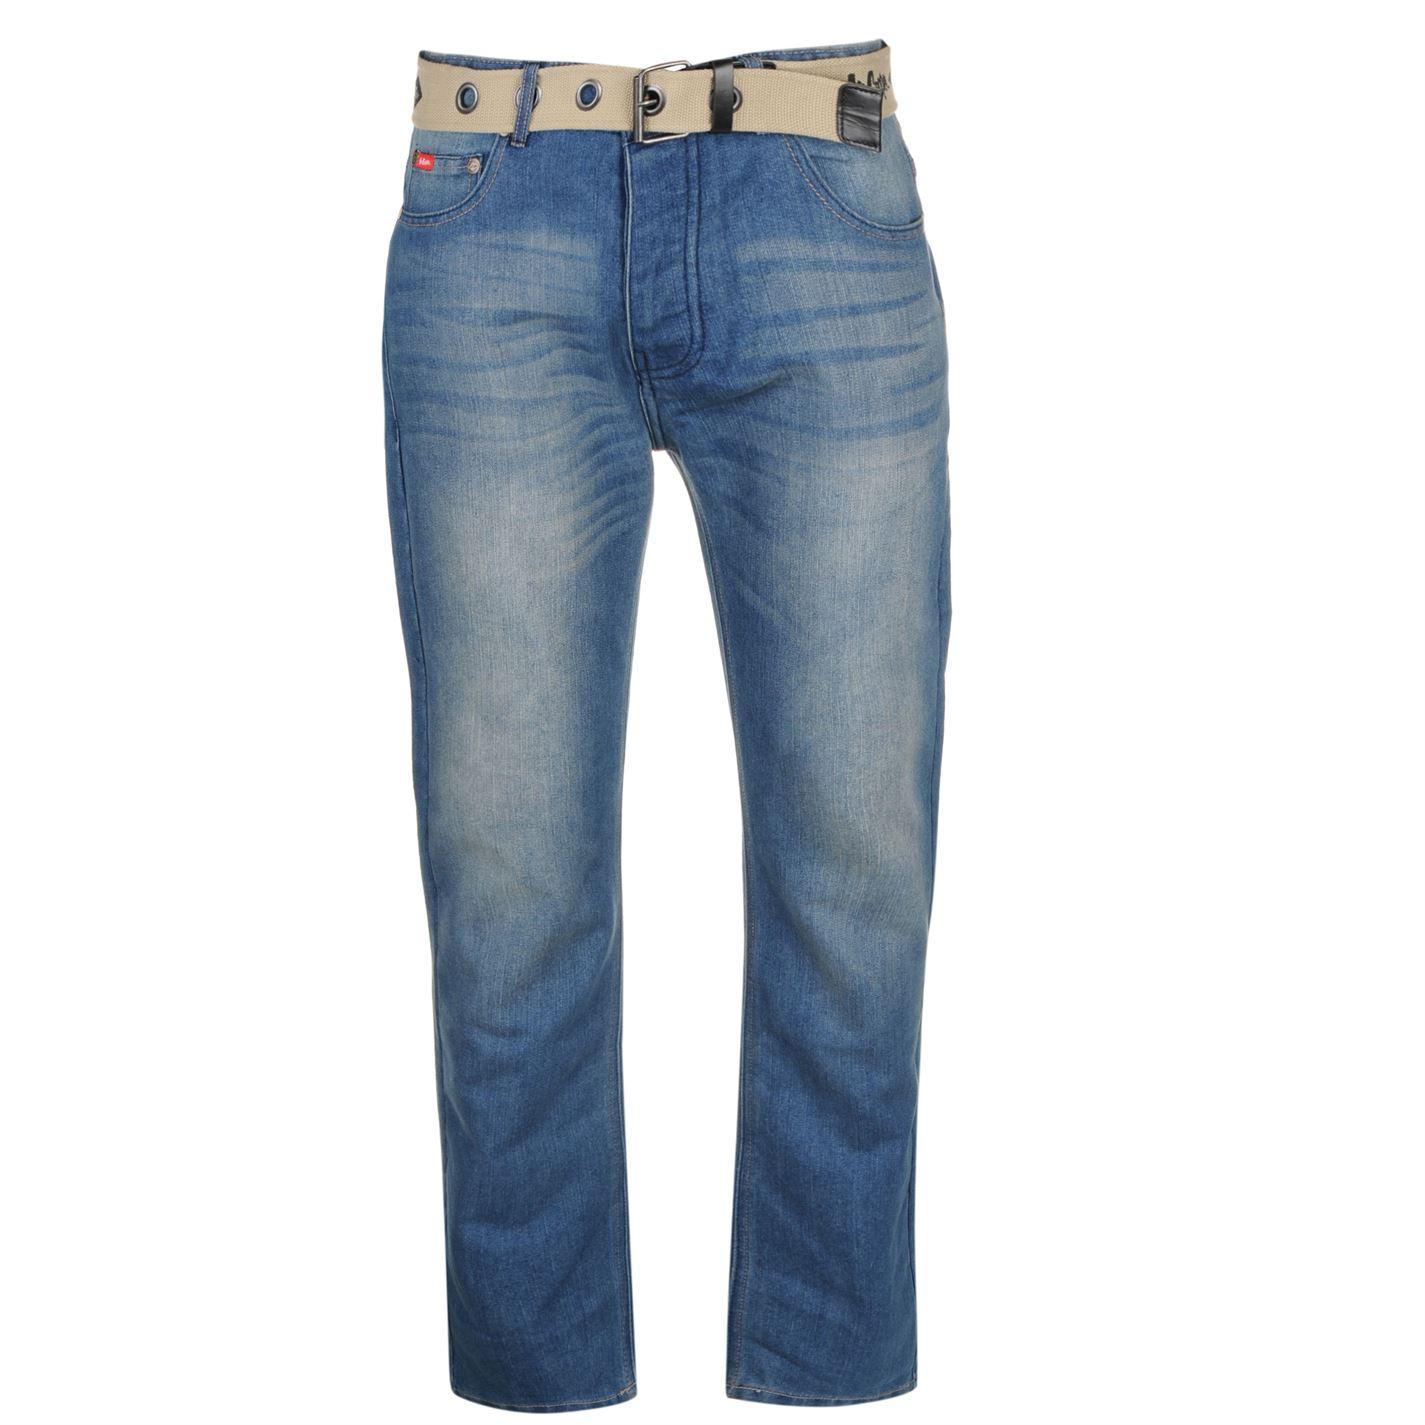 Lee Cooper Cooper Belted Jeans Mens